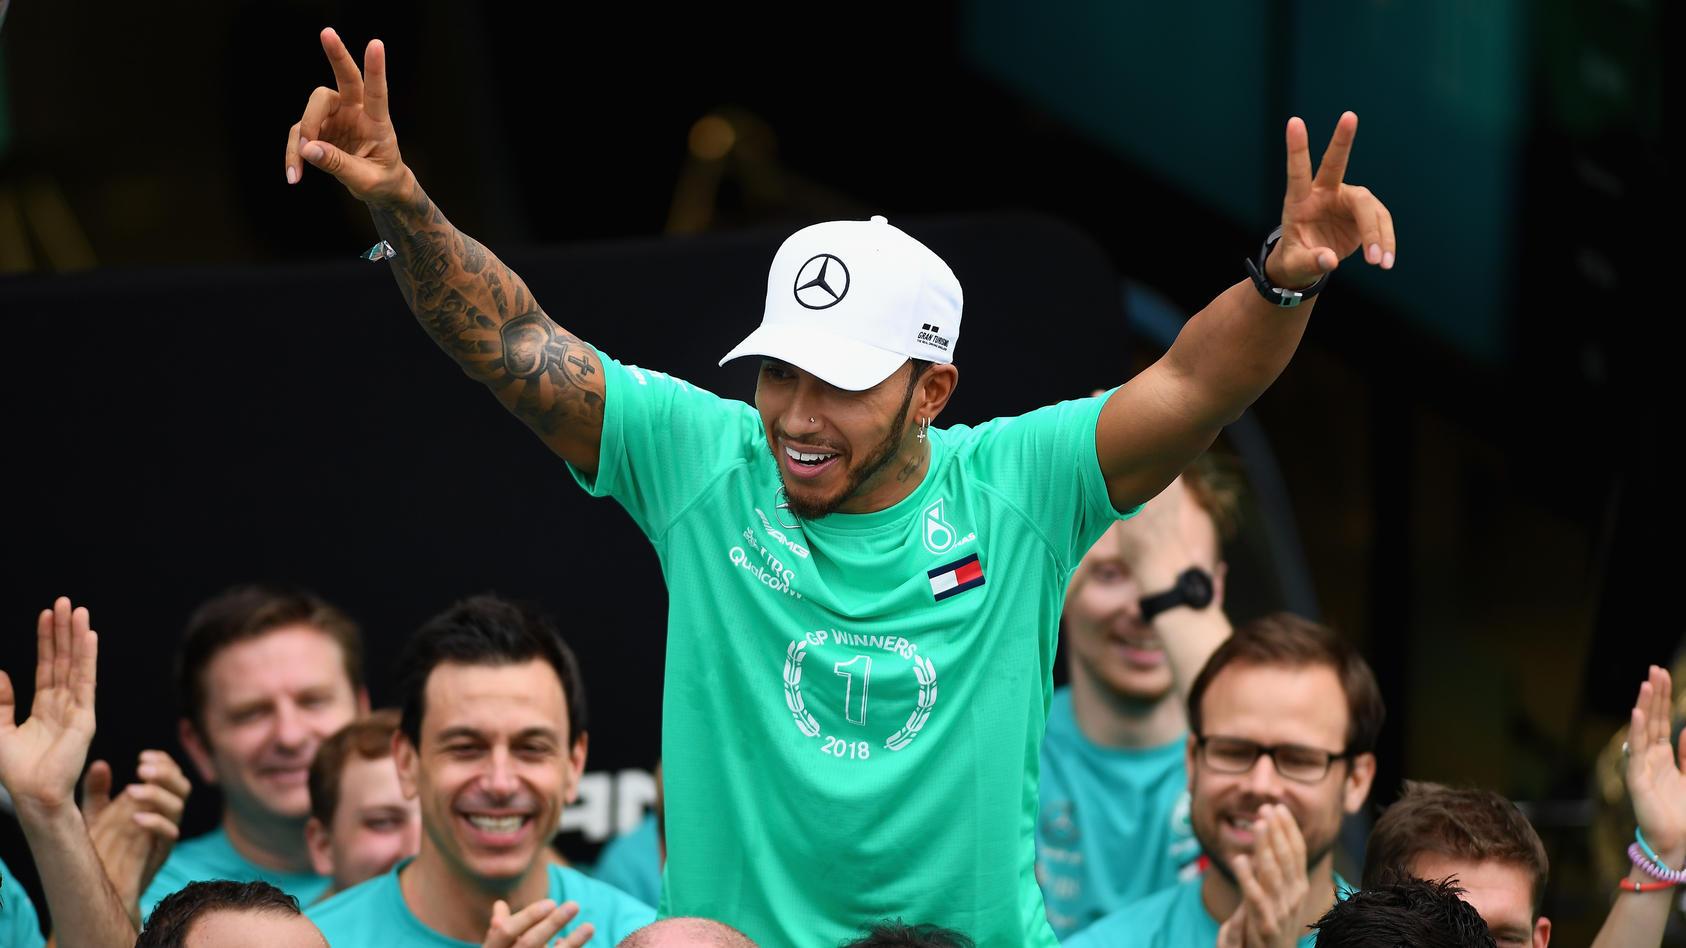 Erstmals gewinnt Lewis Hamilton in einer Saison einen Grand Prix nachdem er schon Weltmeister geworden ist